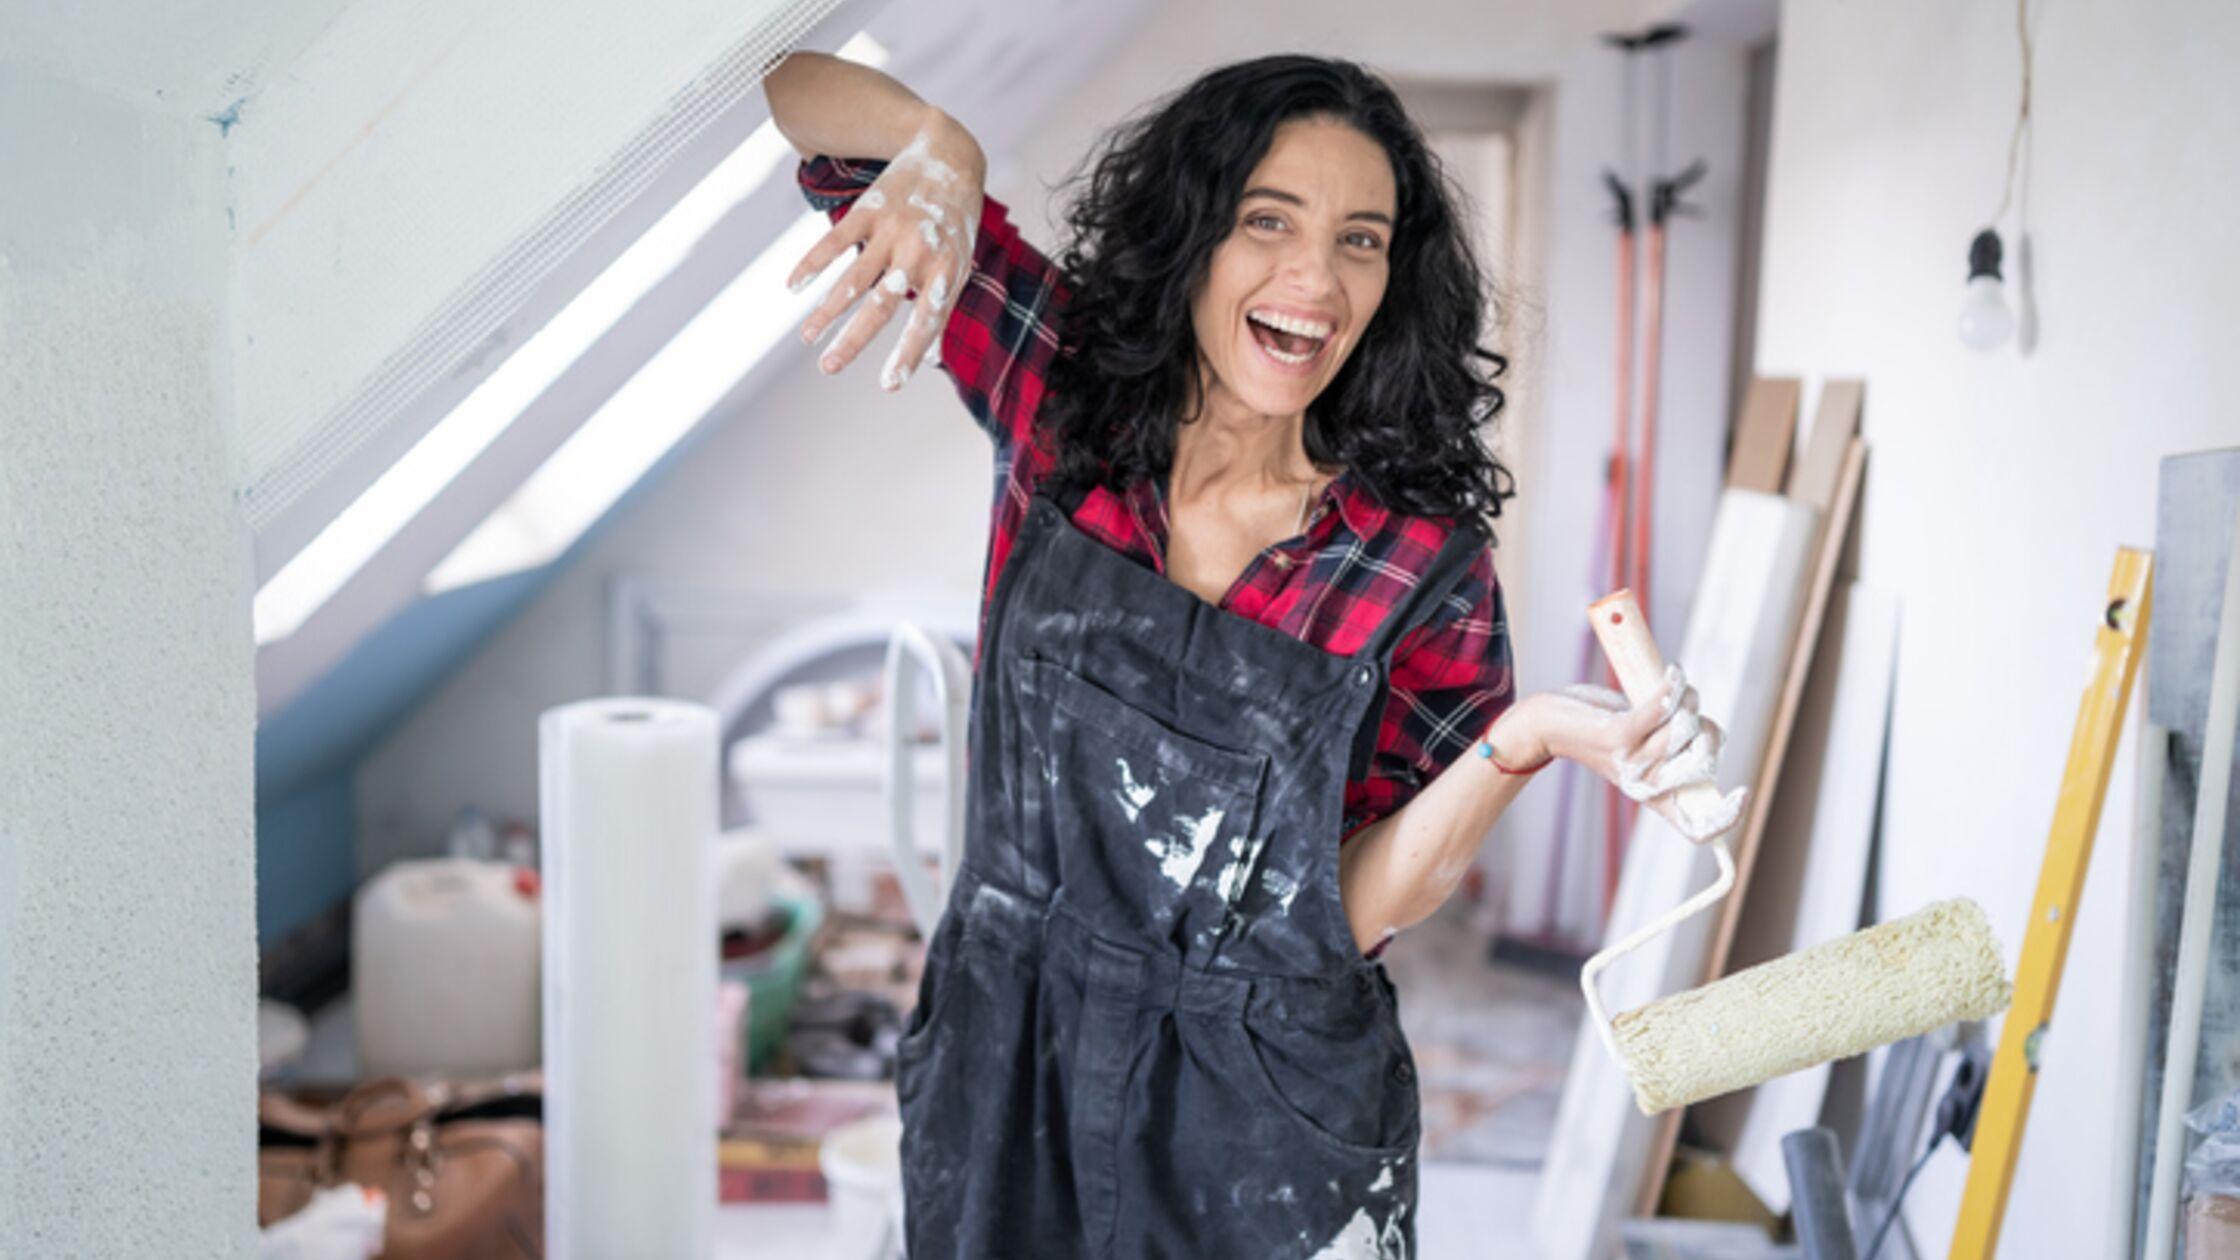 Dachboden ausbauen: Alles rund um die Renovierung